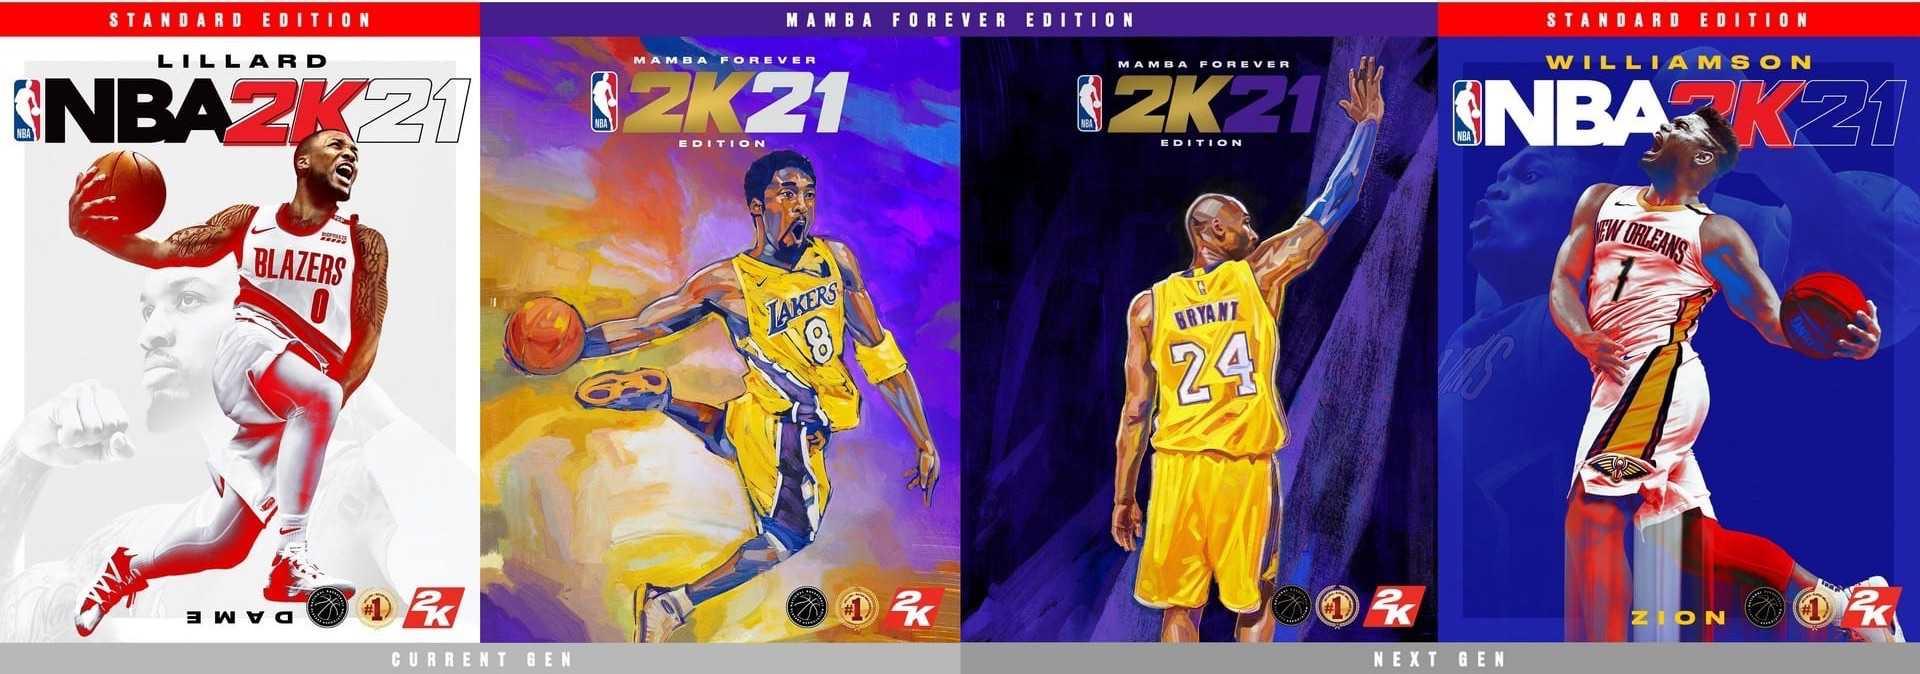 NBA-2k21-kapak